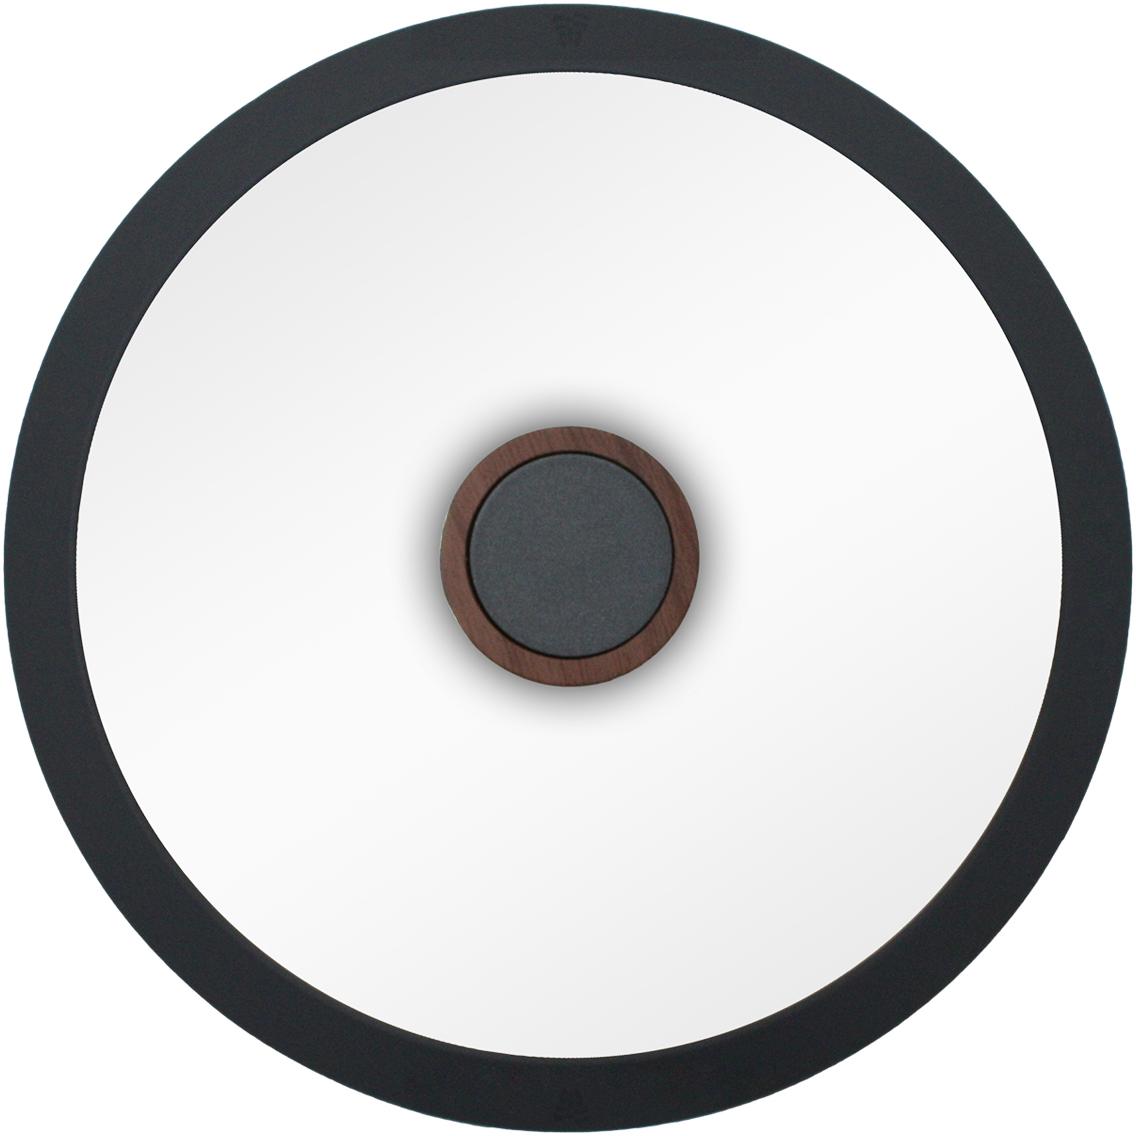 Крышка Tavolone 401023, Термоупрочненное стекло, Силикон401023Силиконовый обод обеспечивает плотное прилегание крышки и предохраняет бортики посуды от повреждений. Удобная ненагревающаяся ручка с покрытием Soft-touch, предотвращающим выскальзывание. Прочное закаленное стекло.